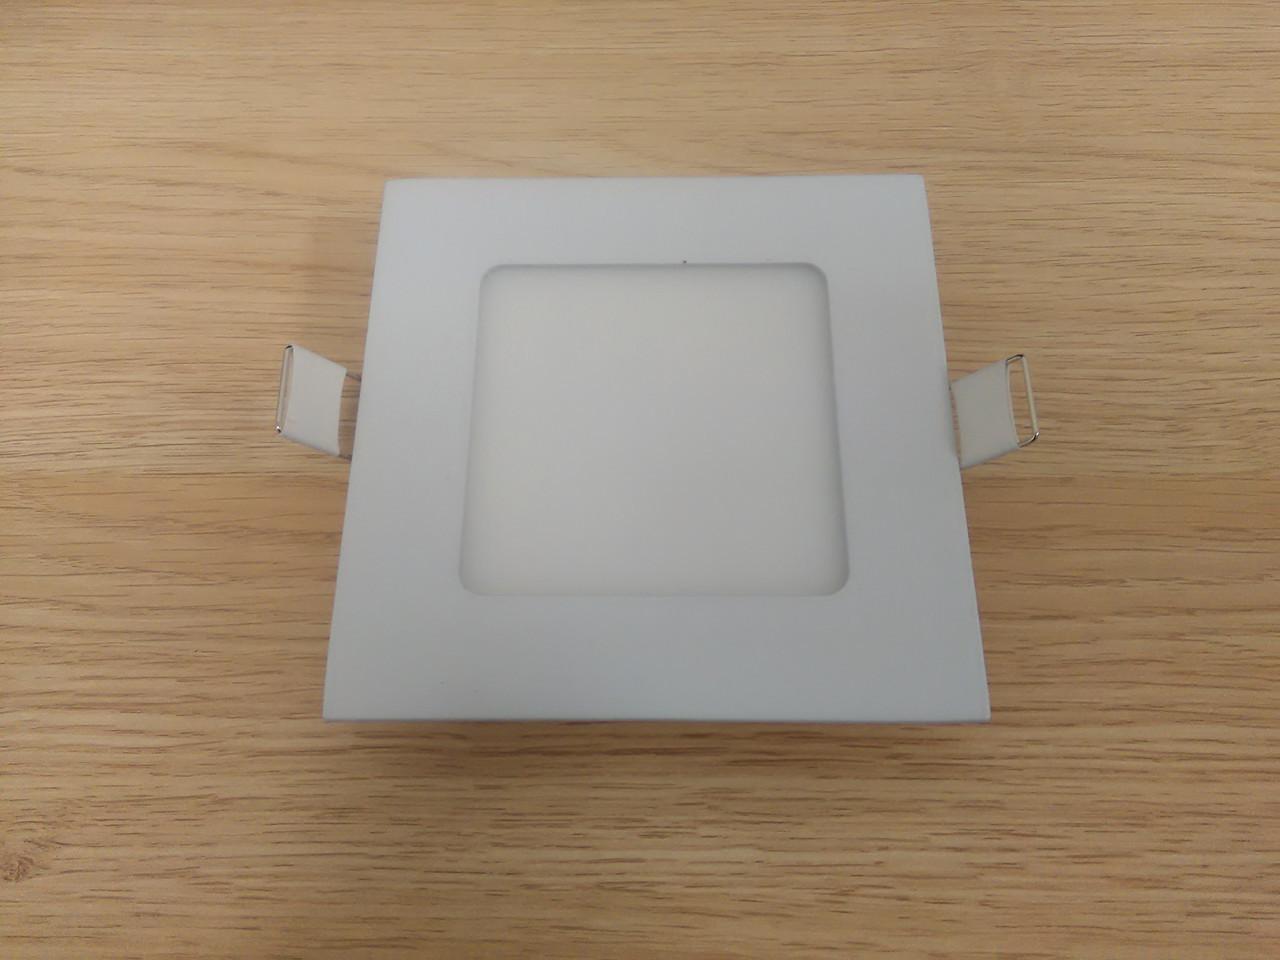 Светильник врезной LED  Downlight  6W 6400K  размер 120*120 мм  квадратный  алюминиевый корпус